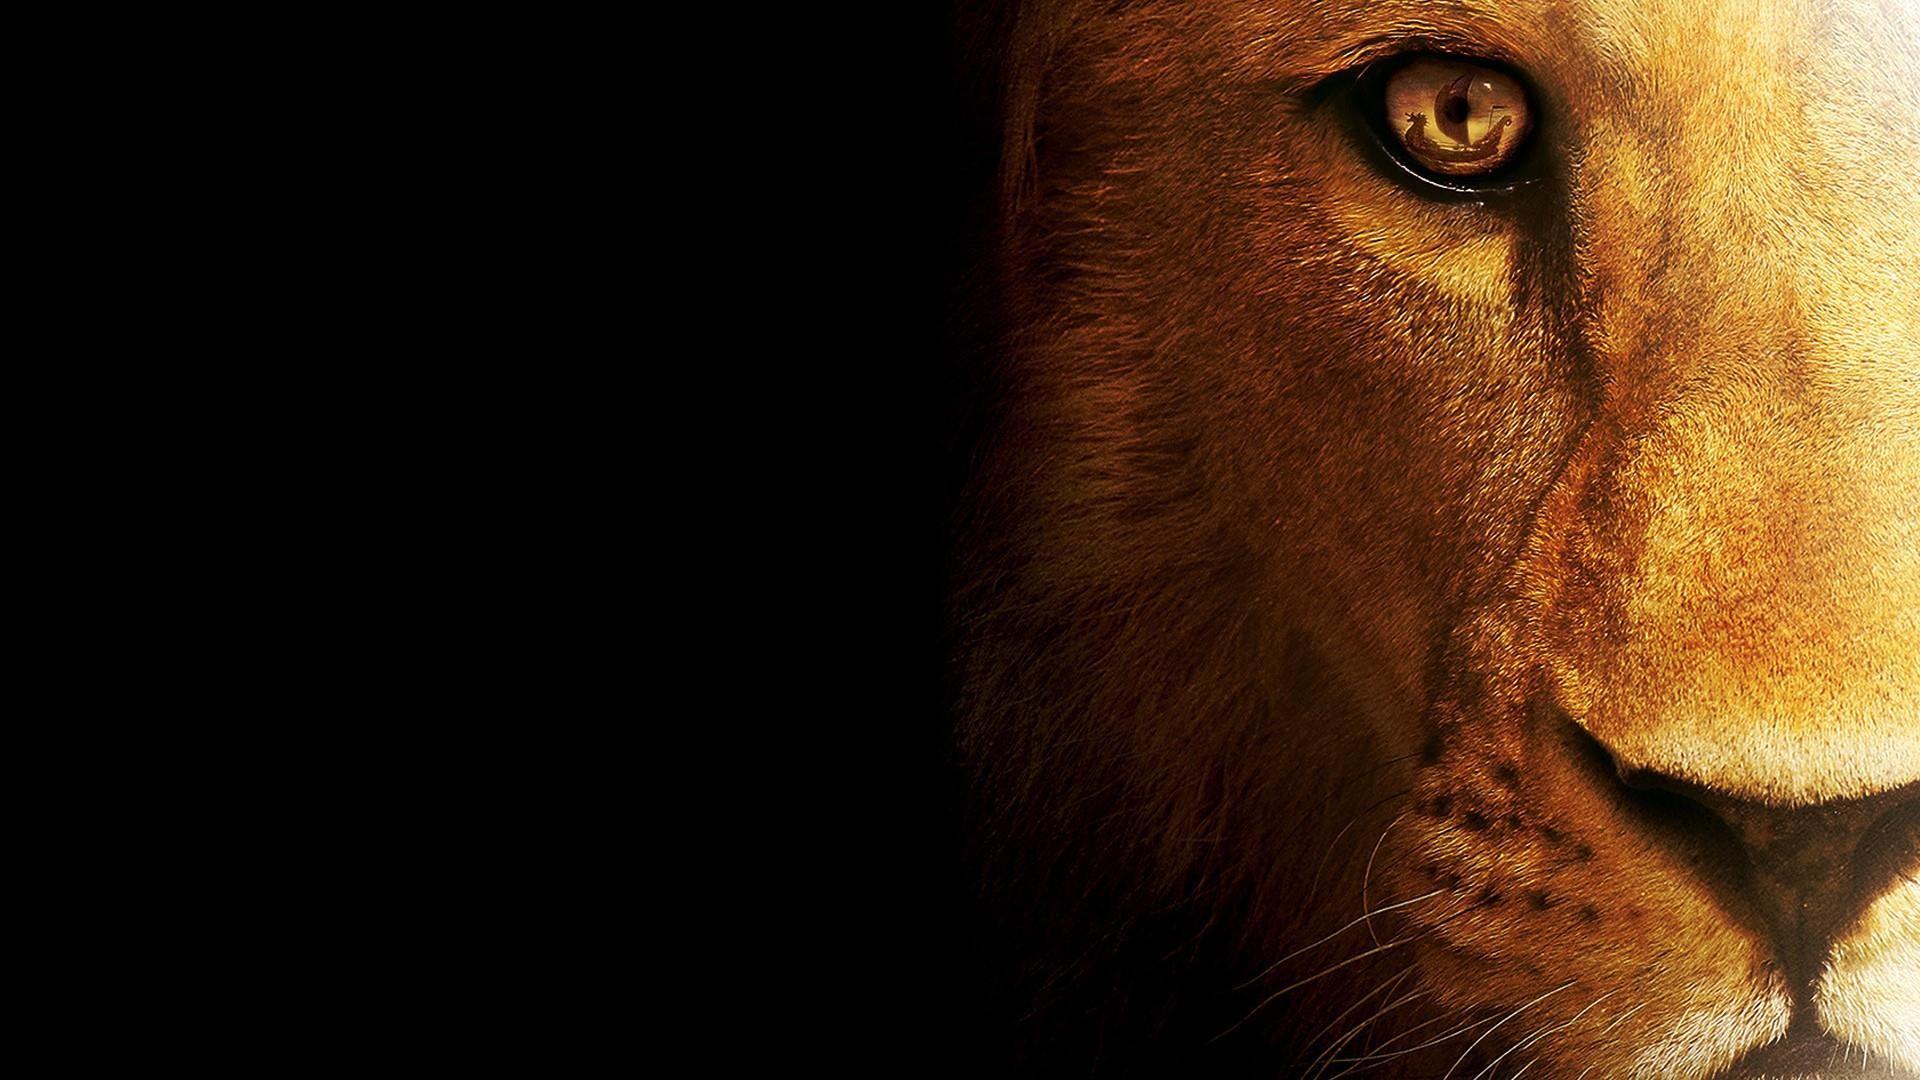 Title. Lion face 🦁